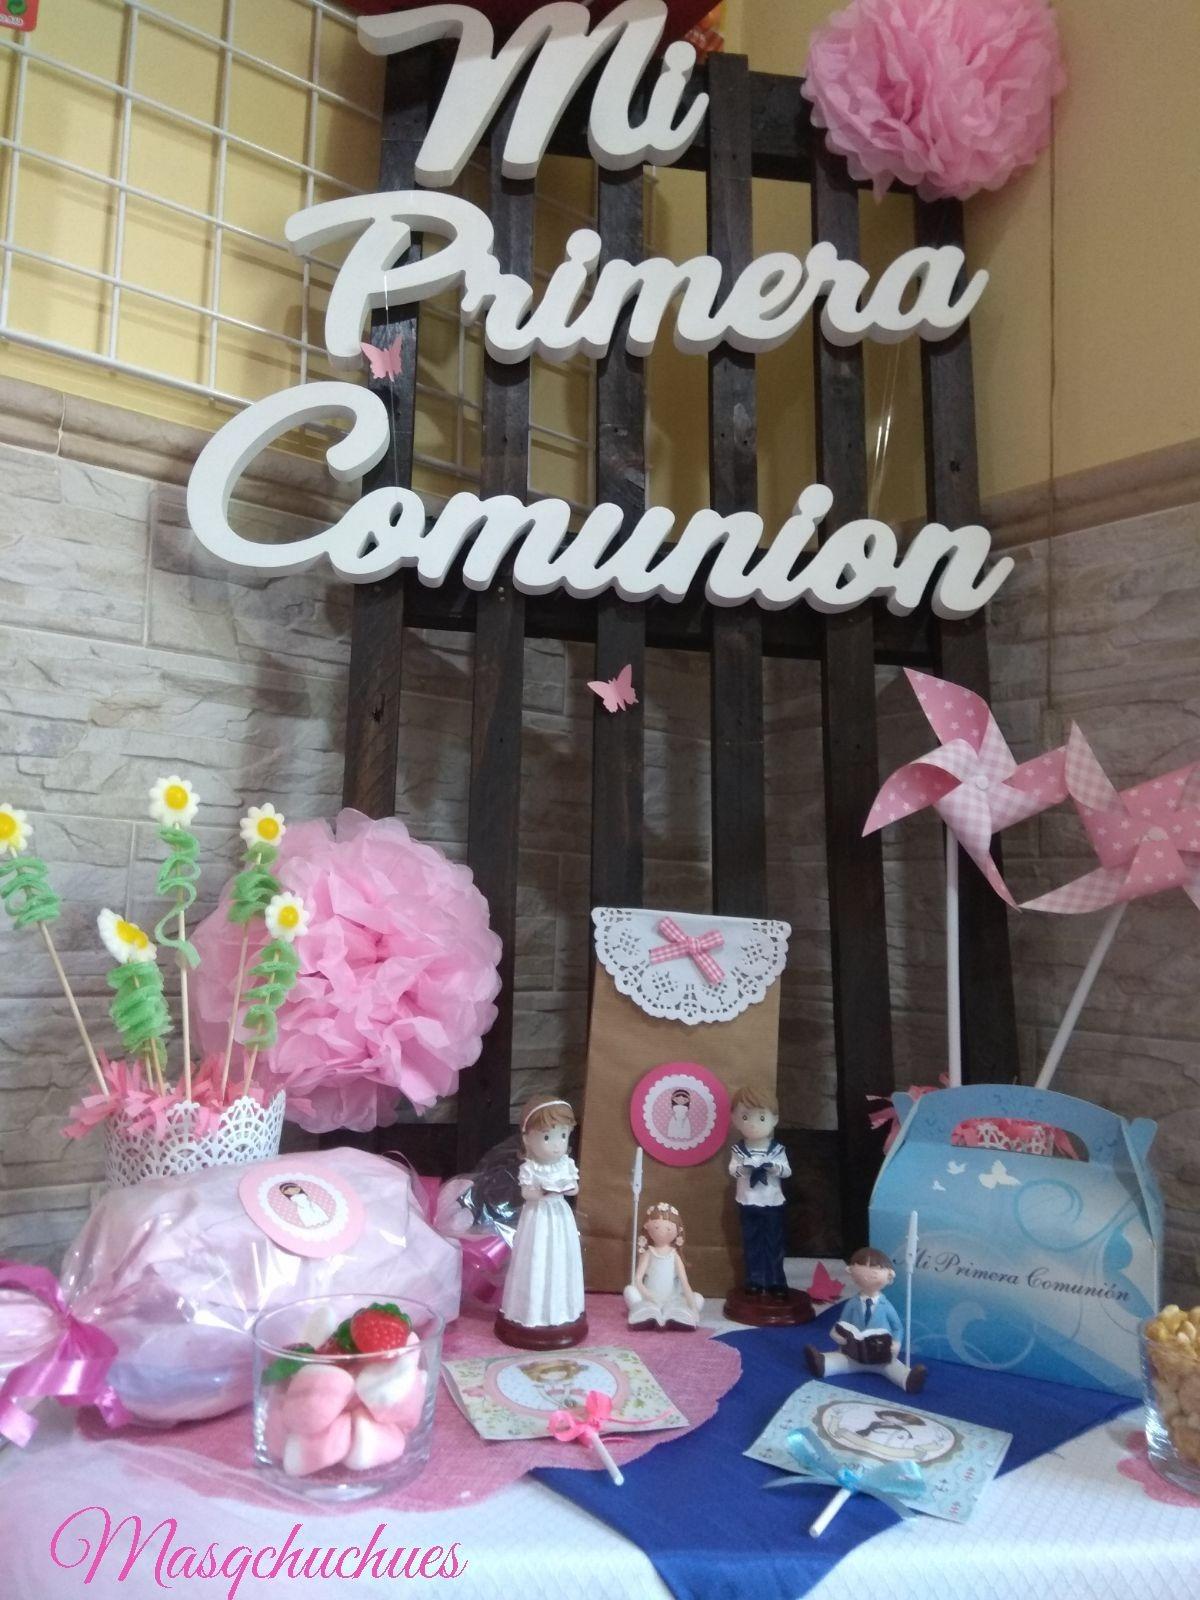 Manualidades Caseras Inma_ Nombres de madera_ Mi Primera Comunion